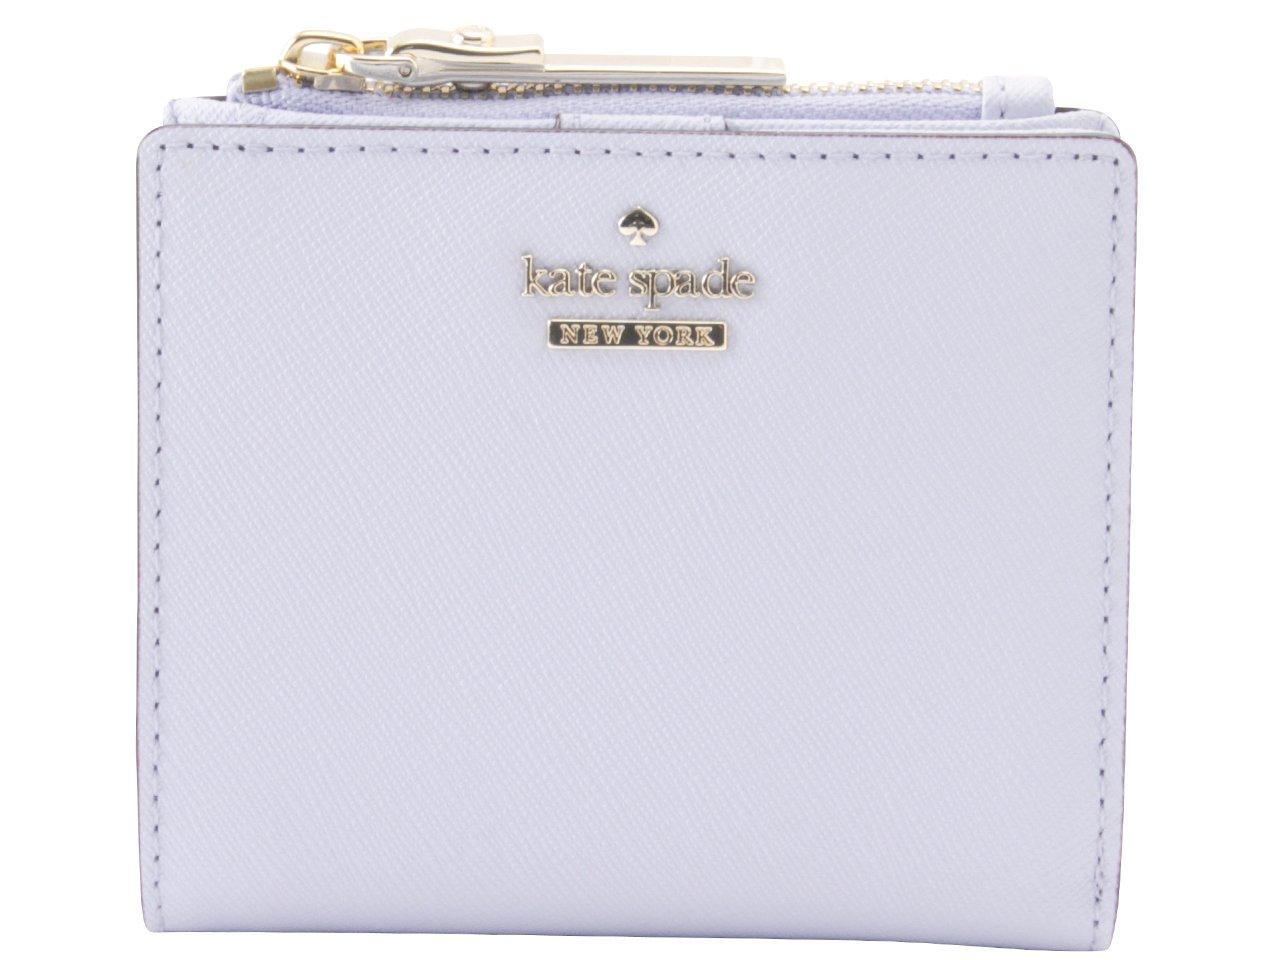 (ケイトスペード) KATE SPADE 財布 二つ折り コンパクト ミニ レザー PWRU5451 [並行輸入品] B07DK6Q614 モーニングドーン モーニングドーン